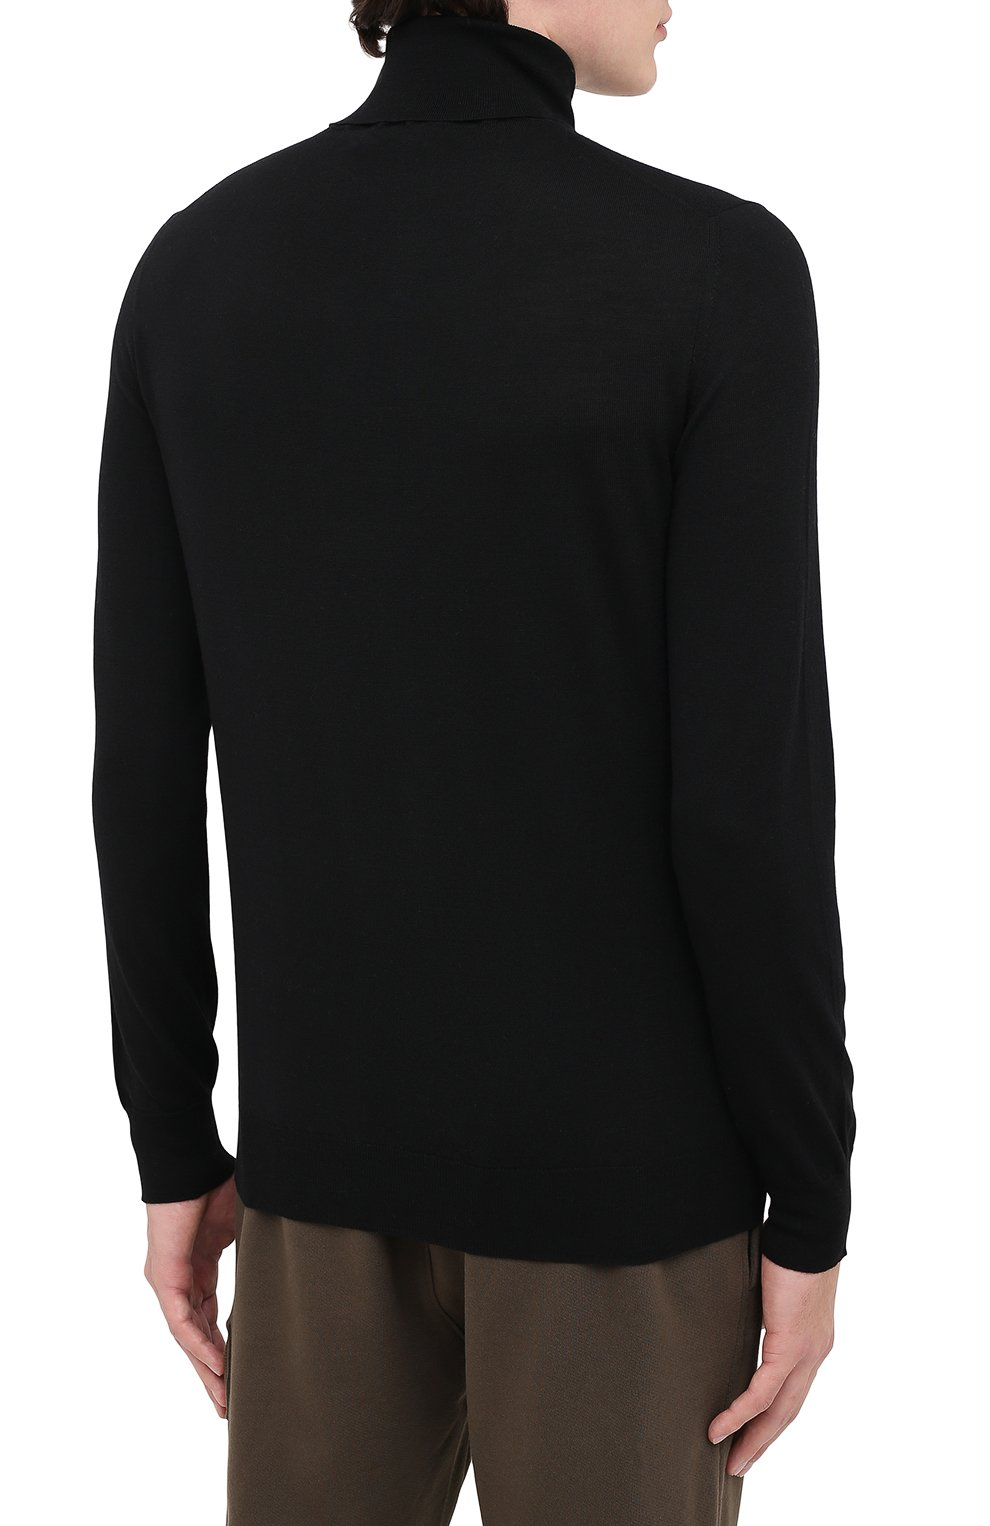 Мужской шерстяная водолазка IL BORGO CASHMERE черного цвета, арт. 54-1211G0 | Фото 4 (Материал внешний: Шерсть; Рукава: Длинные; Принт: Без принта; Длина (для топов): Стандартные; Стили: Классический; Мужское Кросс-КТ: Водолазка-одежда)